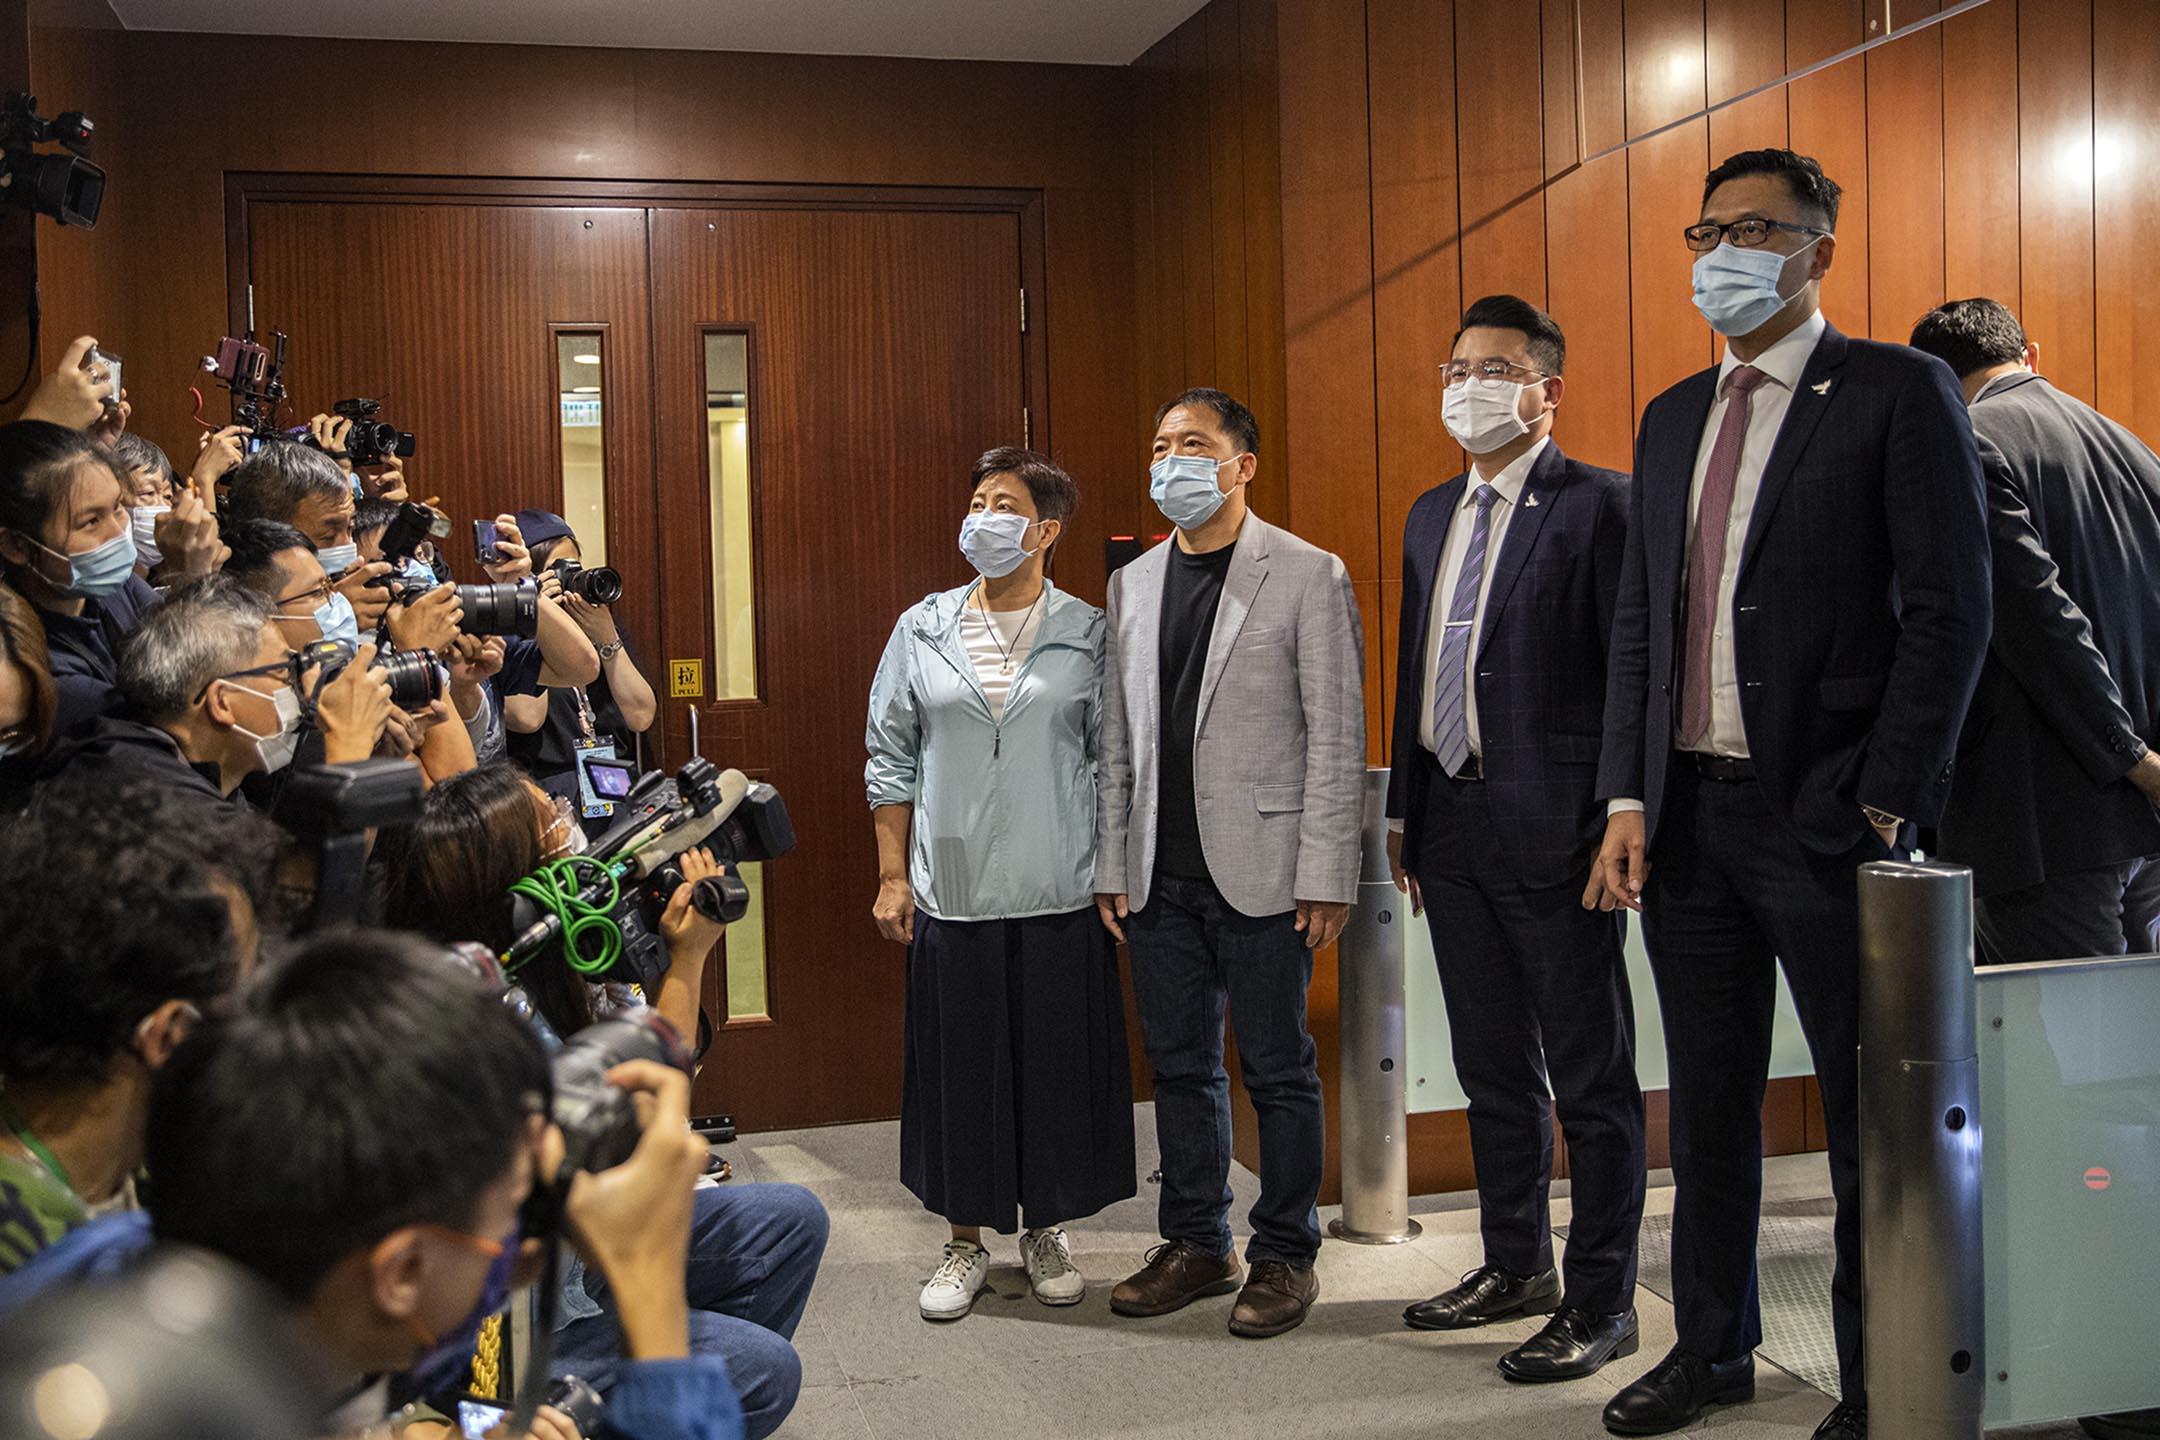 2020年11月12日香港,(左起)民主黨黃碧雲、胡志偉、尹兆堅和林卓廷一同到立法會秘書處遞交辭職信。